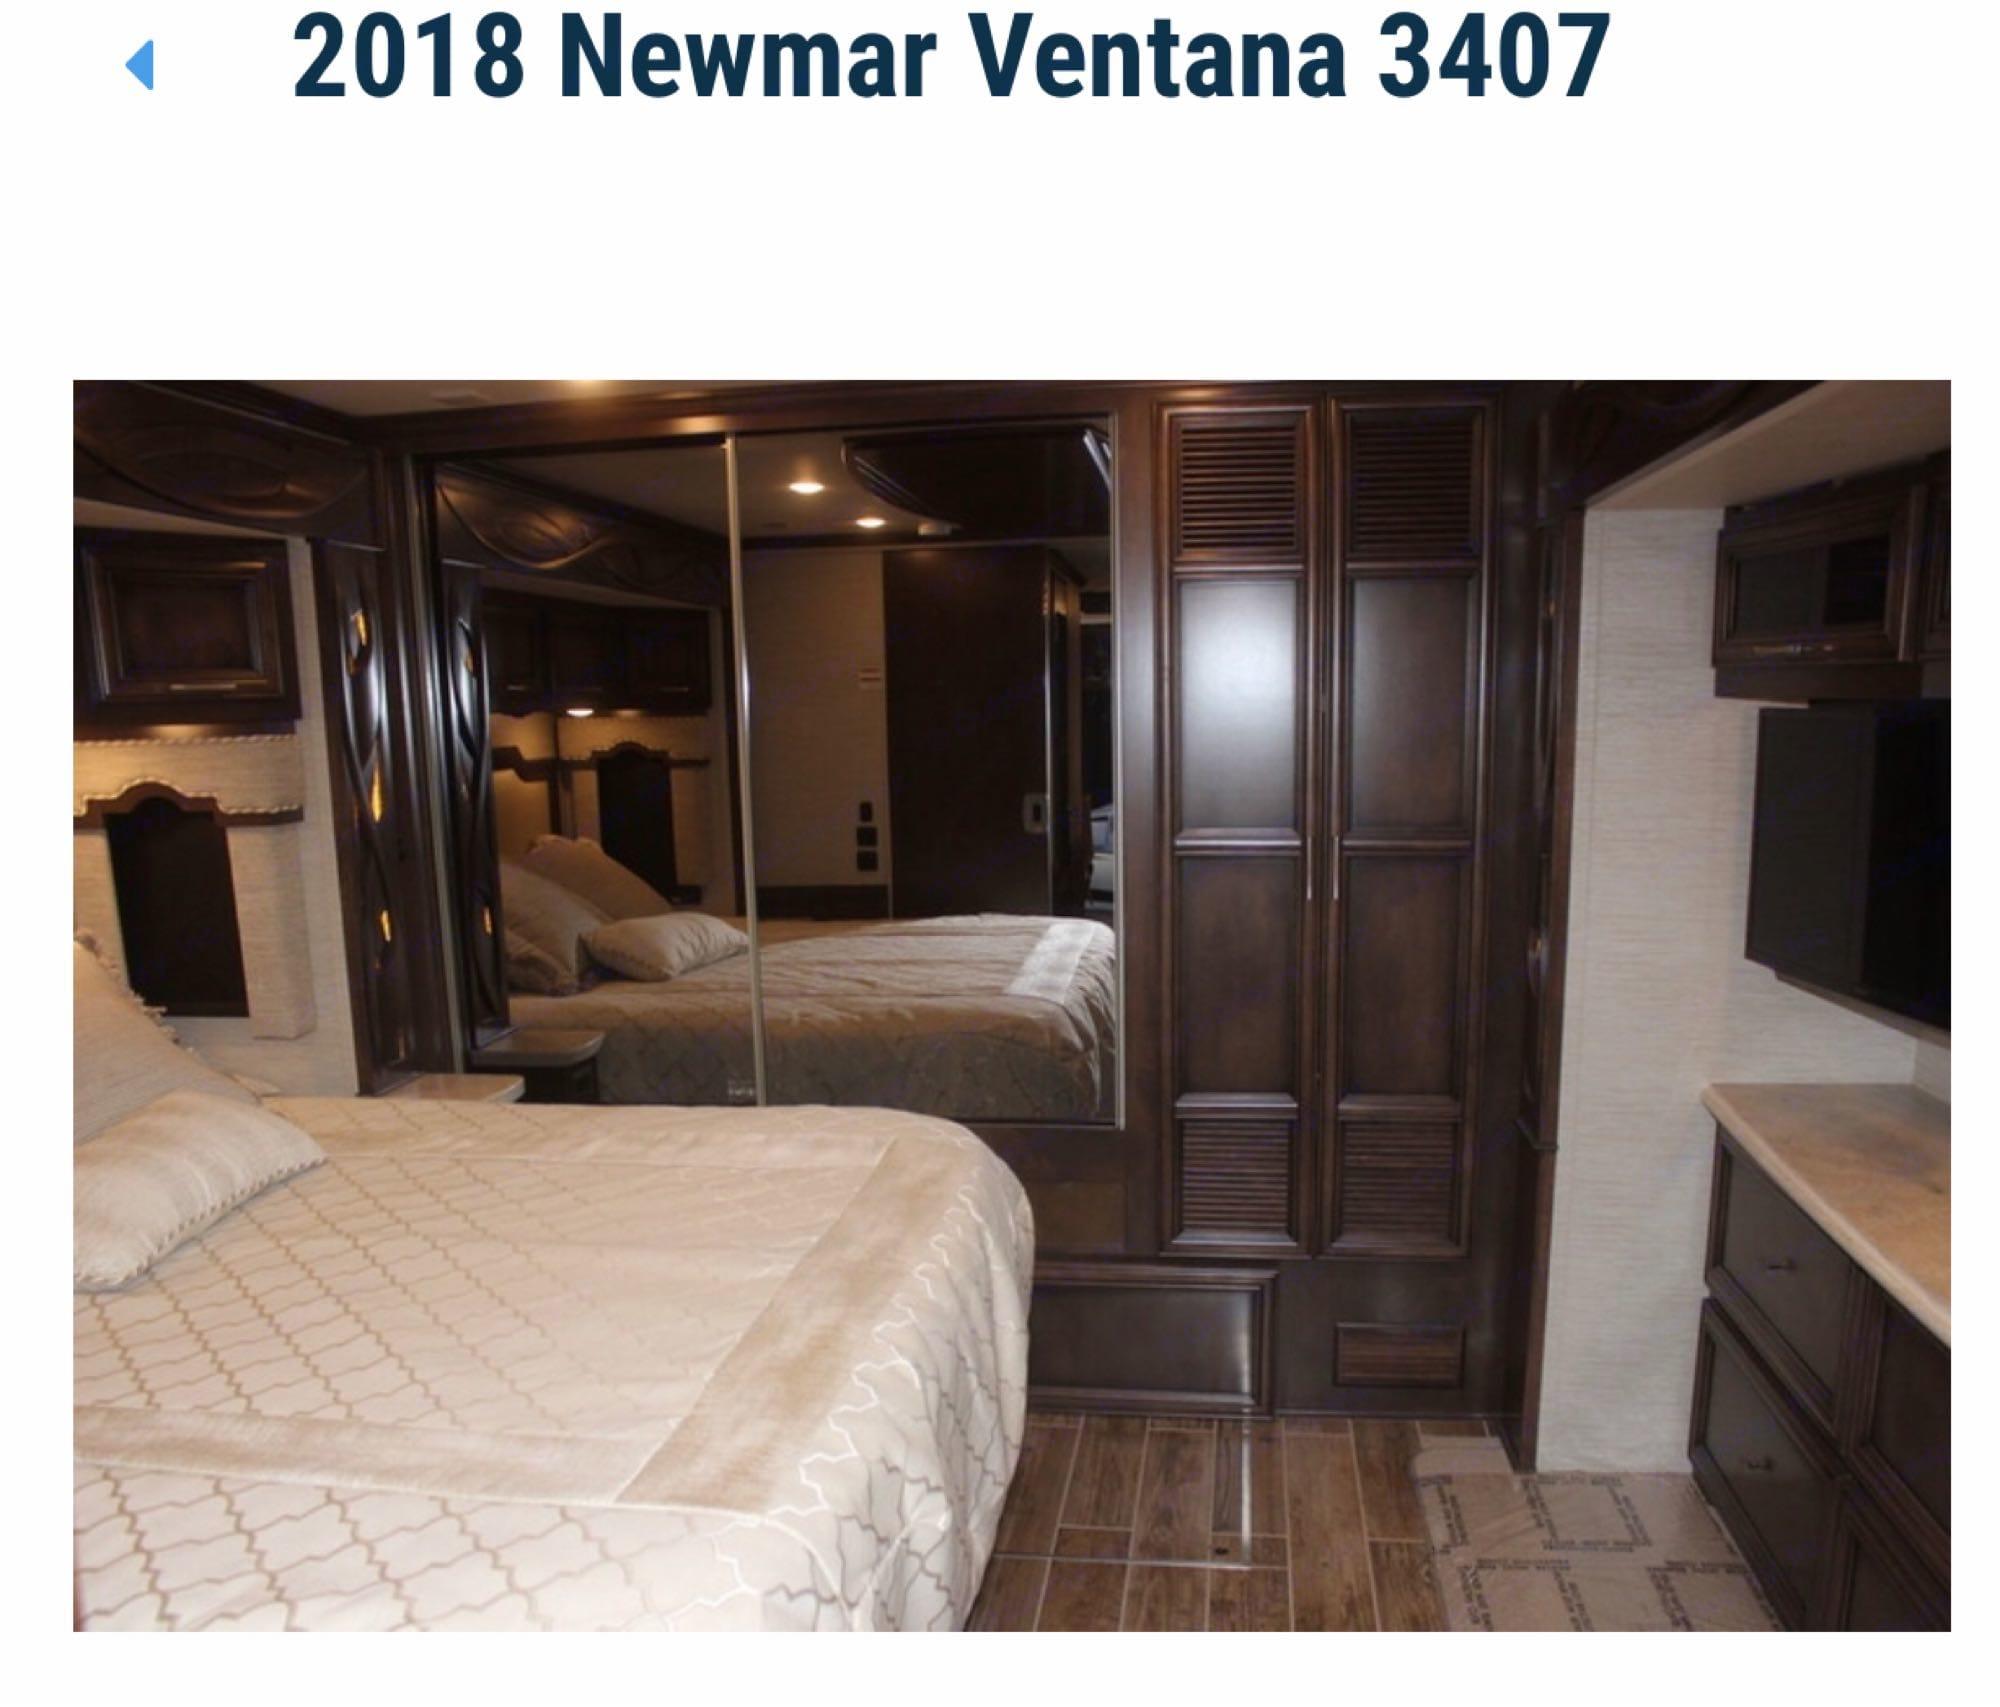 Newmar Ventana 2018